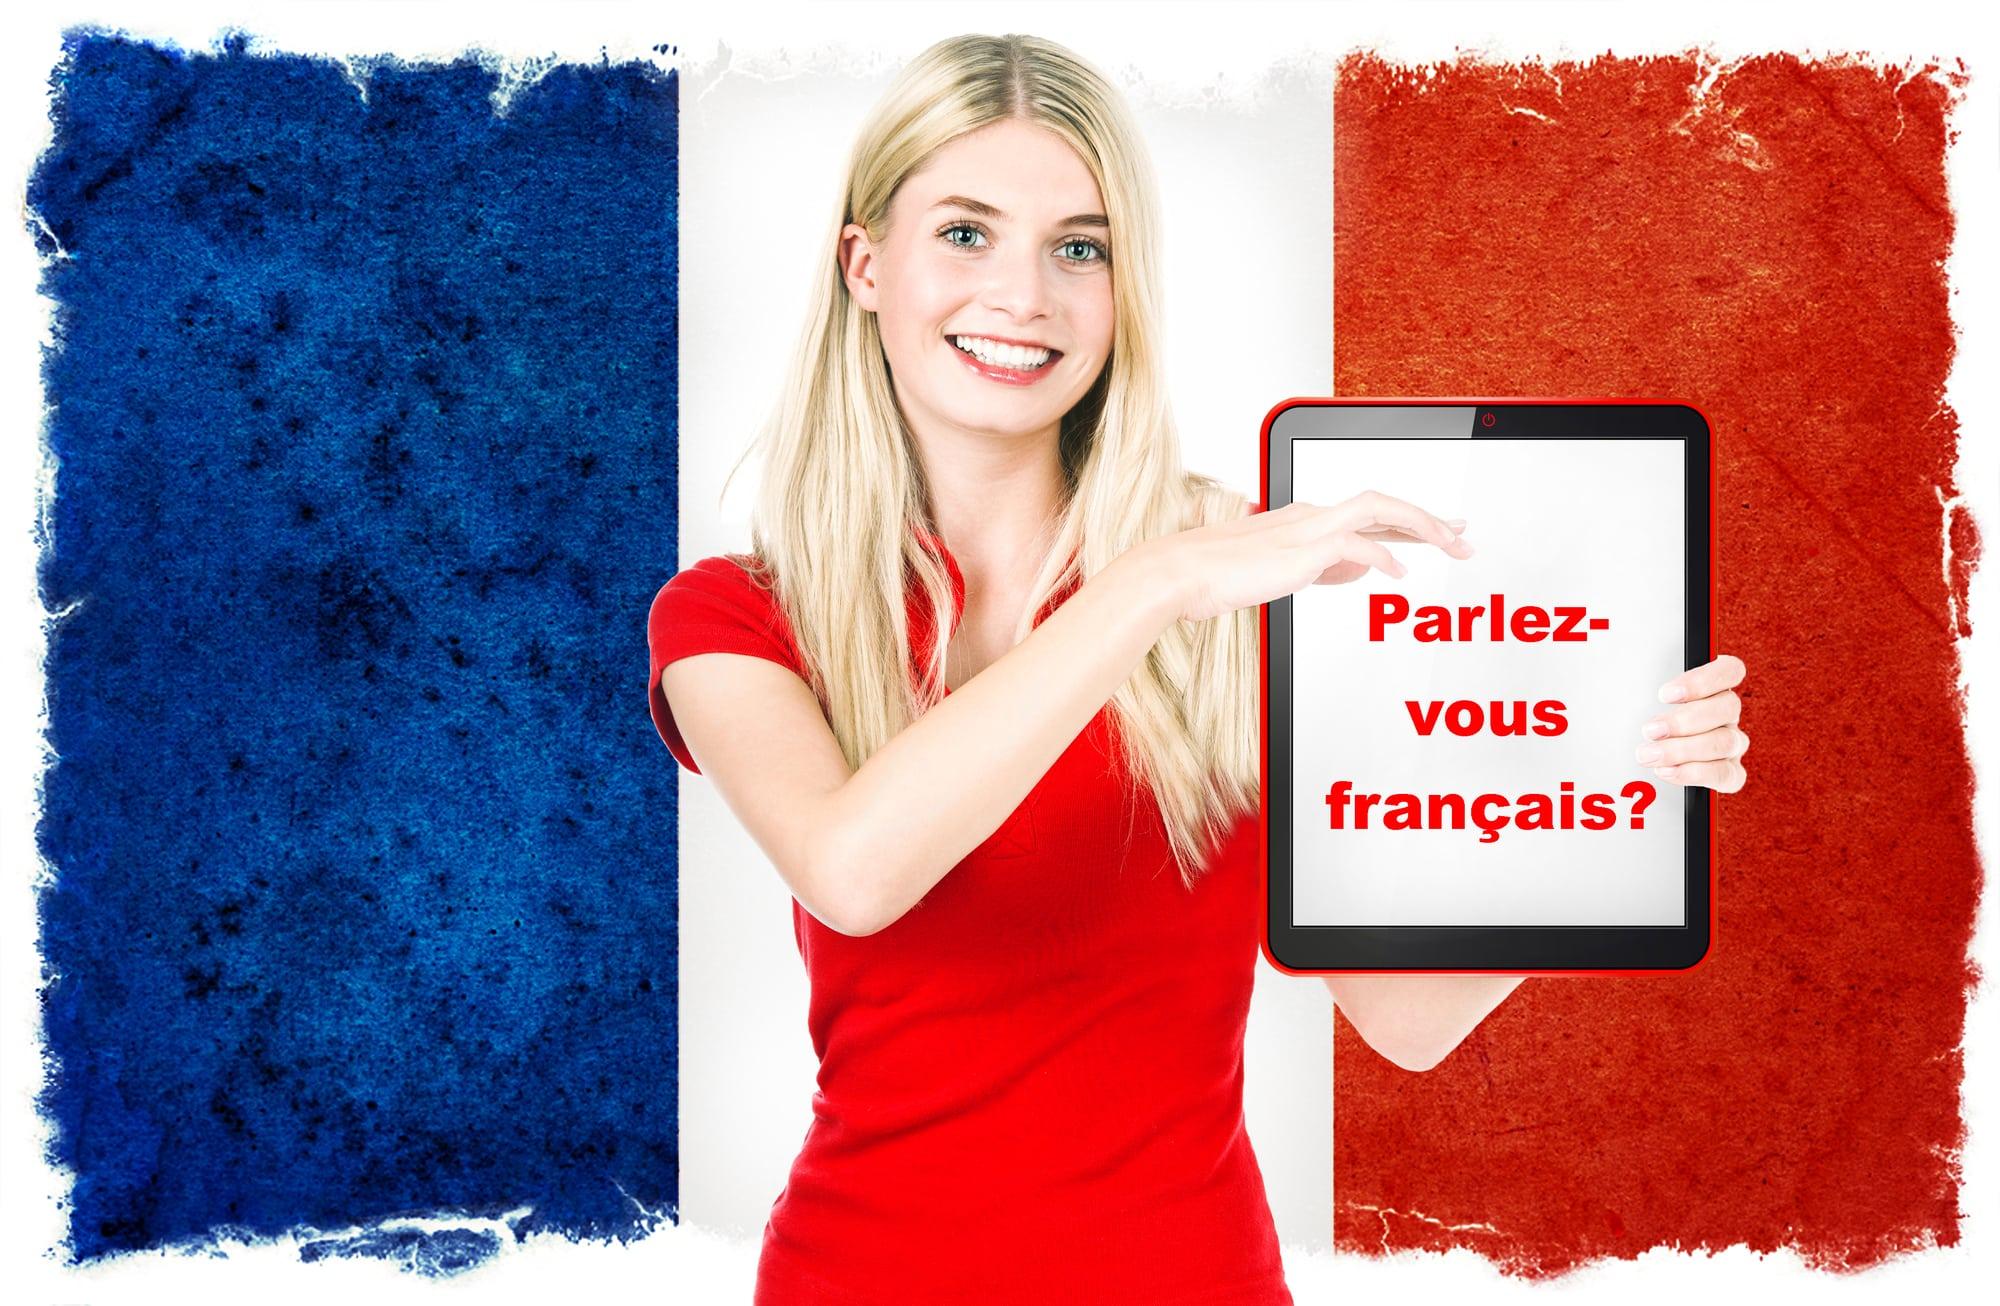 Französisch lernen: 6 Möglichkeiten + 2 Anfängerfehler